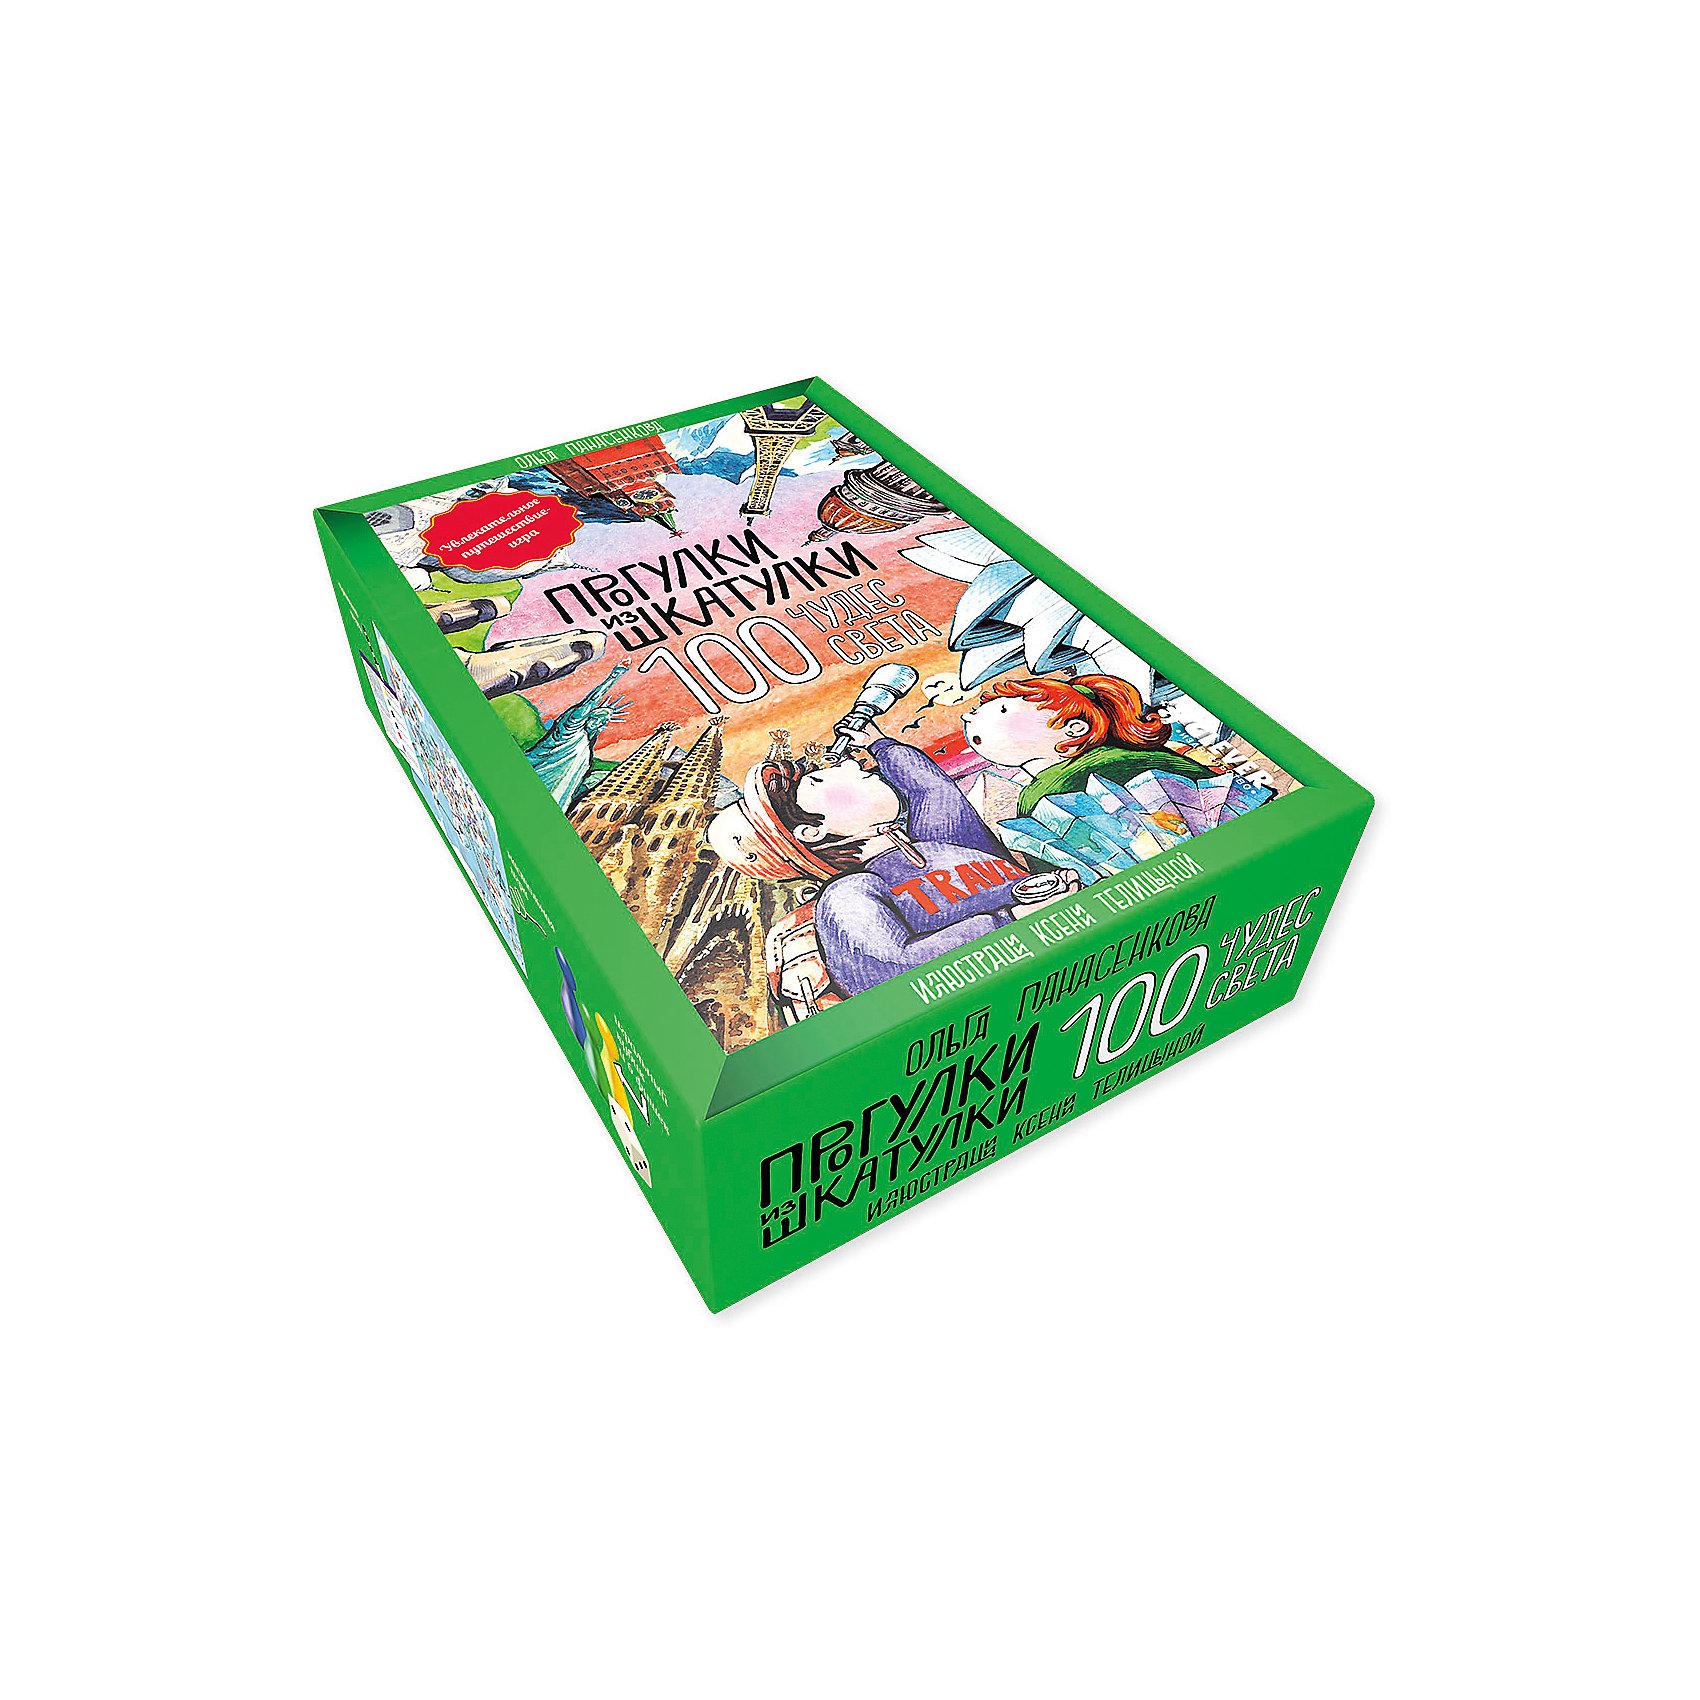 Игра Прогулки из шкатулки. 100 чудес светаКарточные игры<br>Характеристики:<br><br>• Вид игр: обучающие, развивающие<br>• Серия: Настольные игры<br>• Пол: универсальный<br>• Количество игроков: до 6-ти человек<br>• Длительность сеанса: до 60 минут<br>• Материал: мелованная бумага, картон, пластик<br>• Комплектация: игровое поле, 100 карточек, фишки, кубик, инструкция с правилами игры<br>• Размеры упаковки (Д*Ш*В): 18,5*6*11,5 см<br>• Тип упаковки: картонная коробка<br>• Вес в упаковке: 305 г<br><br>Игра Прогулки из шкатулки. 100 чудес света, Набор юного краеведа выпущена отечественным издательством Clever, которое специализируется на выпуске обучающей и развивающей детской литературы. Настольная игра  предназначена для веселого времяпрепровождения от одного до 6-ти человек, при этом играть в нее могут как дети, так и взрослые. Игра состоит из игрового поля, карточек с изображениями чудес света кубика, входящих в Список Всемирного наследия ЮНЕСКО, и фишек. <br><br>Задача игроков заключается в том, чтобы быстрее соперников добраться до финиша, выполнив все задания. Карты выполнены из мелованной бумаги, изображения и надписи выполнены устойчивыми красками, благодаря чему игра прослужит длительное время. Игра Прогулки из шкатулки. 100 чудес света, Набор юного краеведа направлена на развитие  общей эрудиции, внимательности и памяти. <br><br>Игру Прогулки из шкатулки. 100 чудес света, Набор юного краеведа можно купить в нашем интернет-магазине.<br><br>Ширина мм: 185<br>Глубина мм: 115<br>Высота мм: 60<br>Вес г: 305<br>Возраст от месяцев: 84<br>Возраст до месяцев: 132<br>Пол: Унисекс<br>Возраст: Детский<br>SKU: 5348103